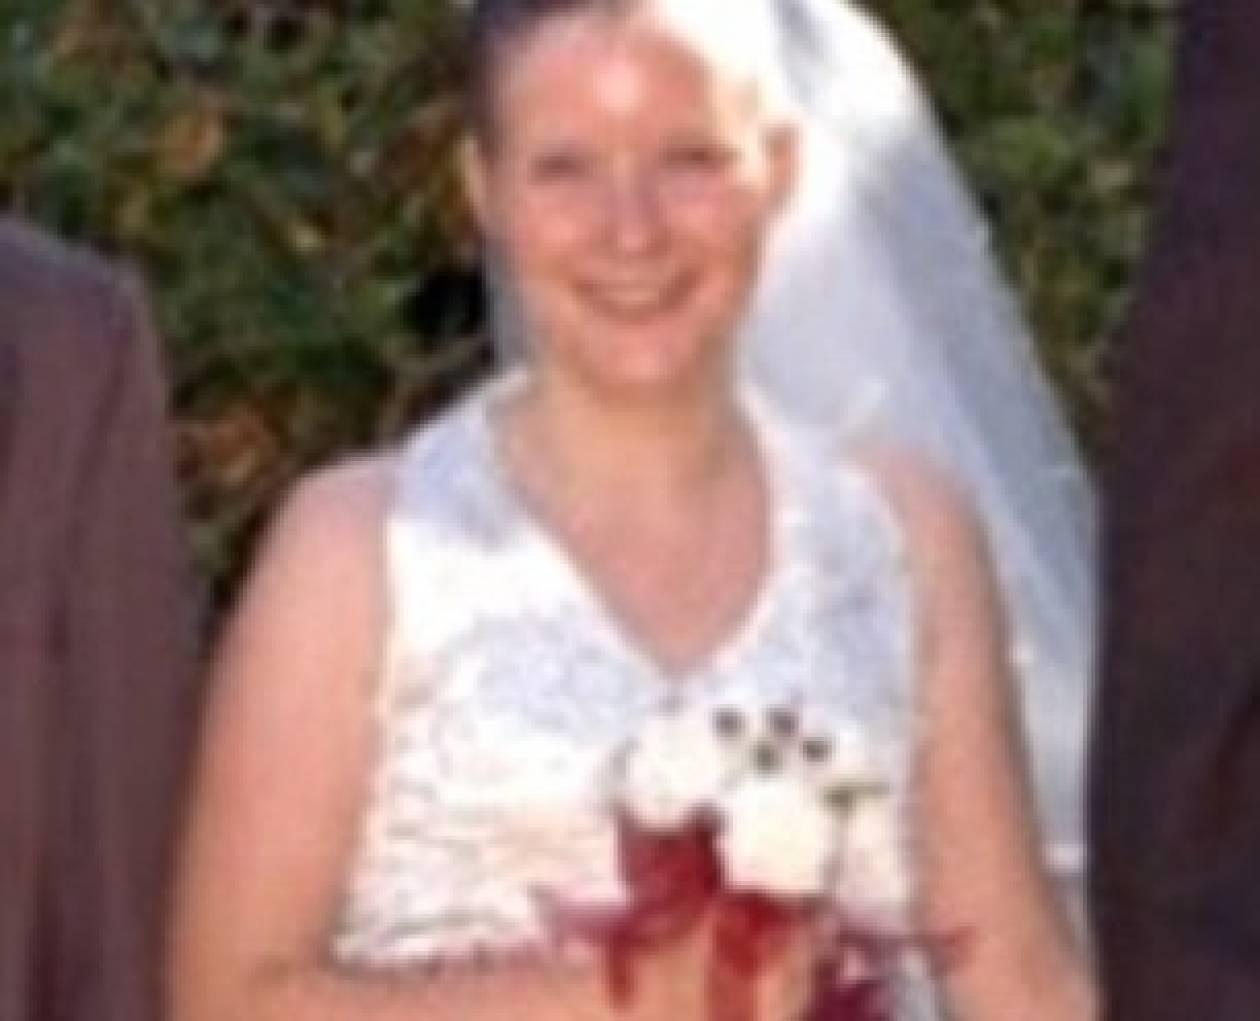 Τραγωδία: Πέθανε λίγο καιρό μετά τη γέννηση του 7ου παιδιού της